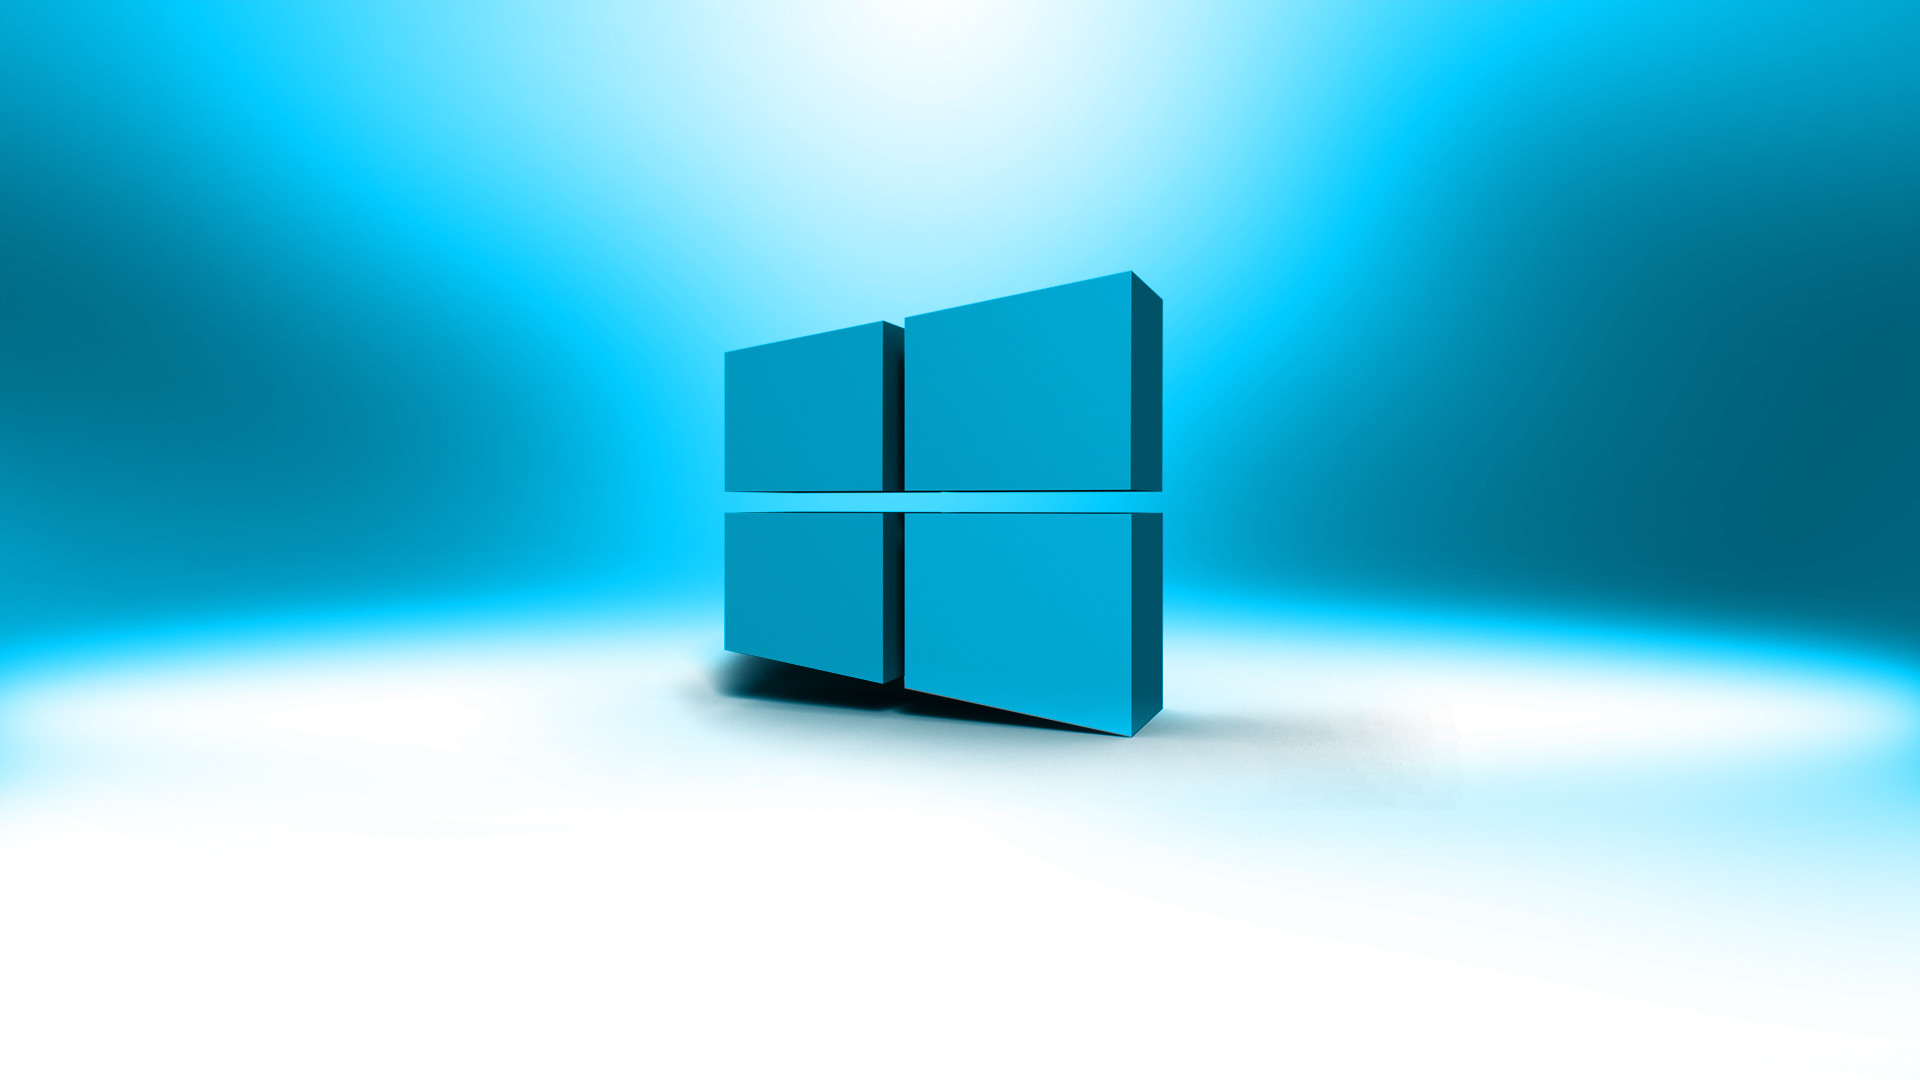 3D Live Wallpaper Windows 10 53 Images